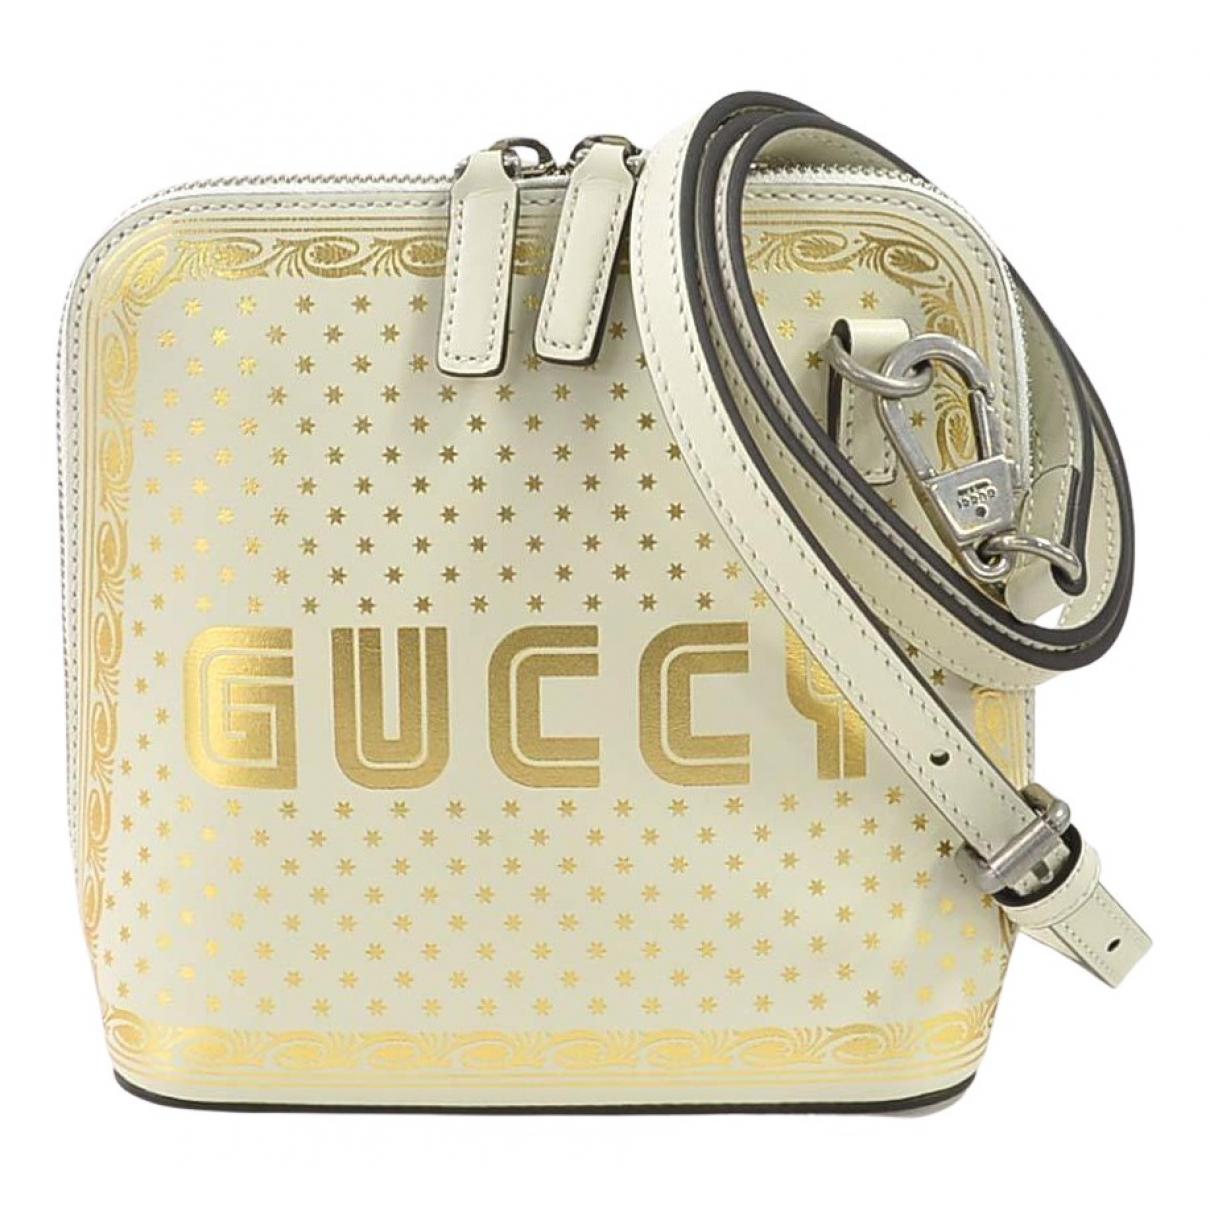 Gucci - Sac a main Guccy minibag pour femme en cuir - beige